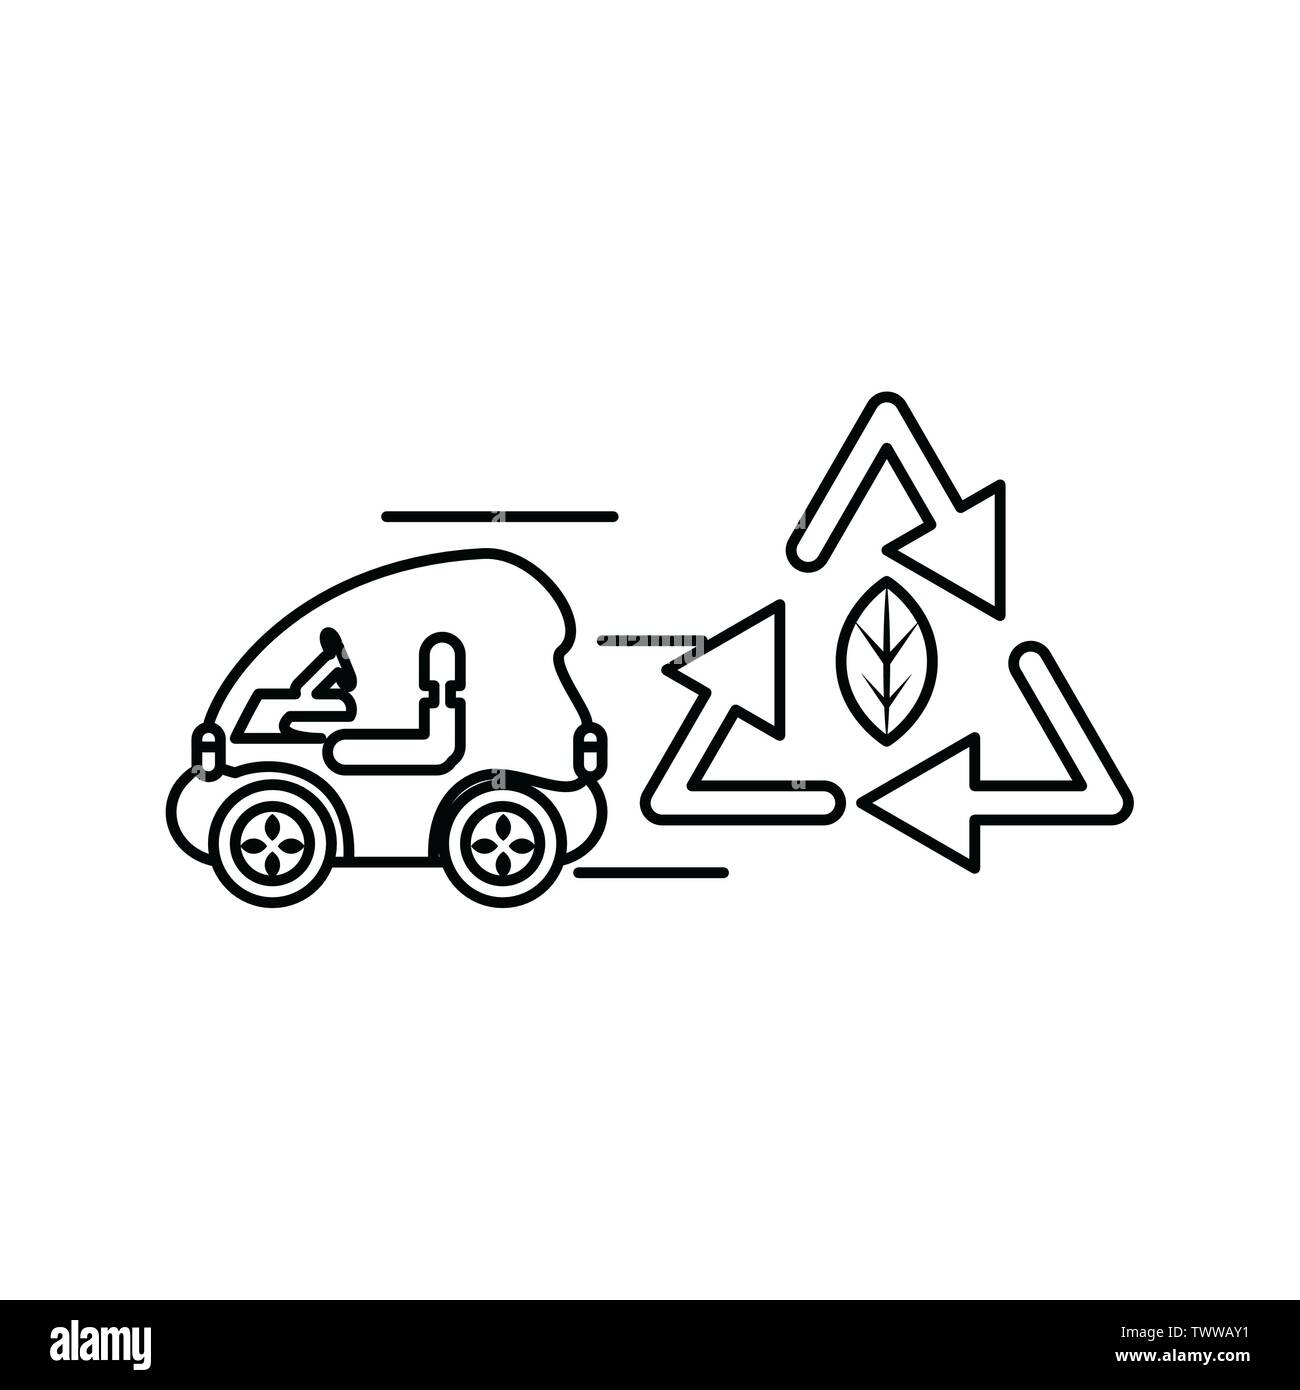 Dessin de la feuille et en voiture, Eco city sauver la planète penser vert et de recyclage thème Vector illustration Photo Stock